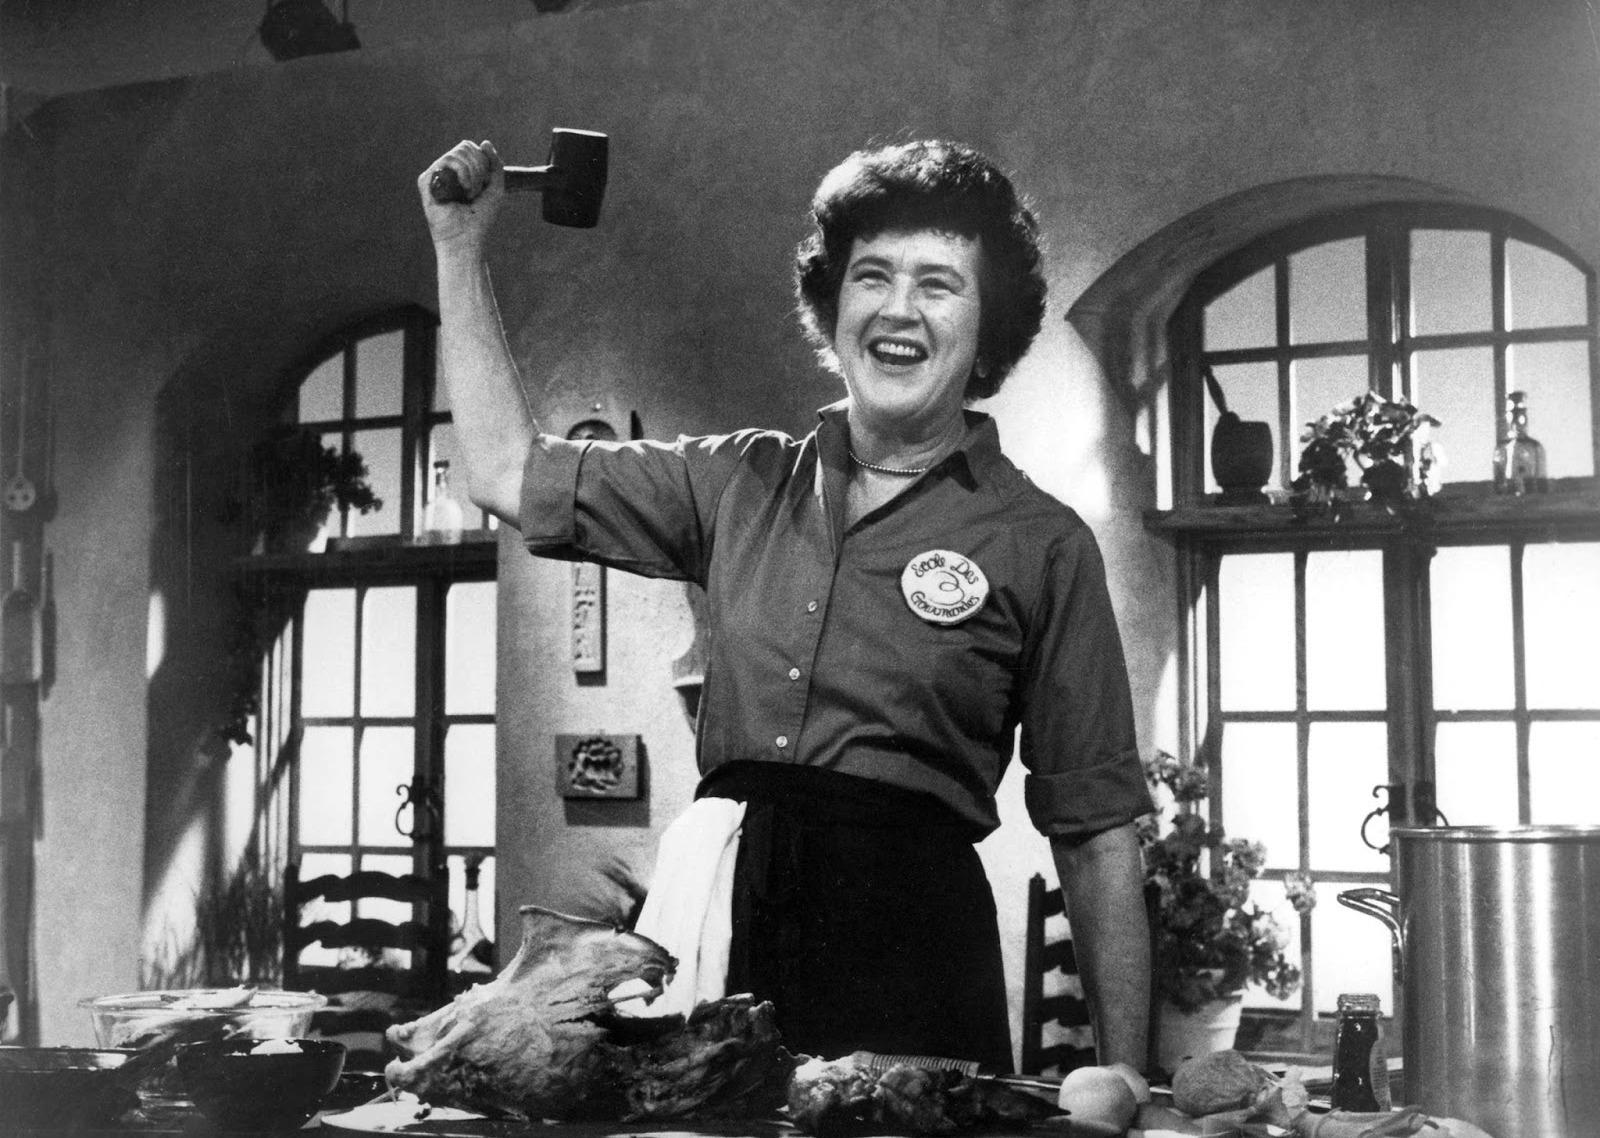 """""""Adoro cozinhar com vinho. Por vezes até o coloco na comida"""". Frases na cozinha que fizeram história"""